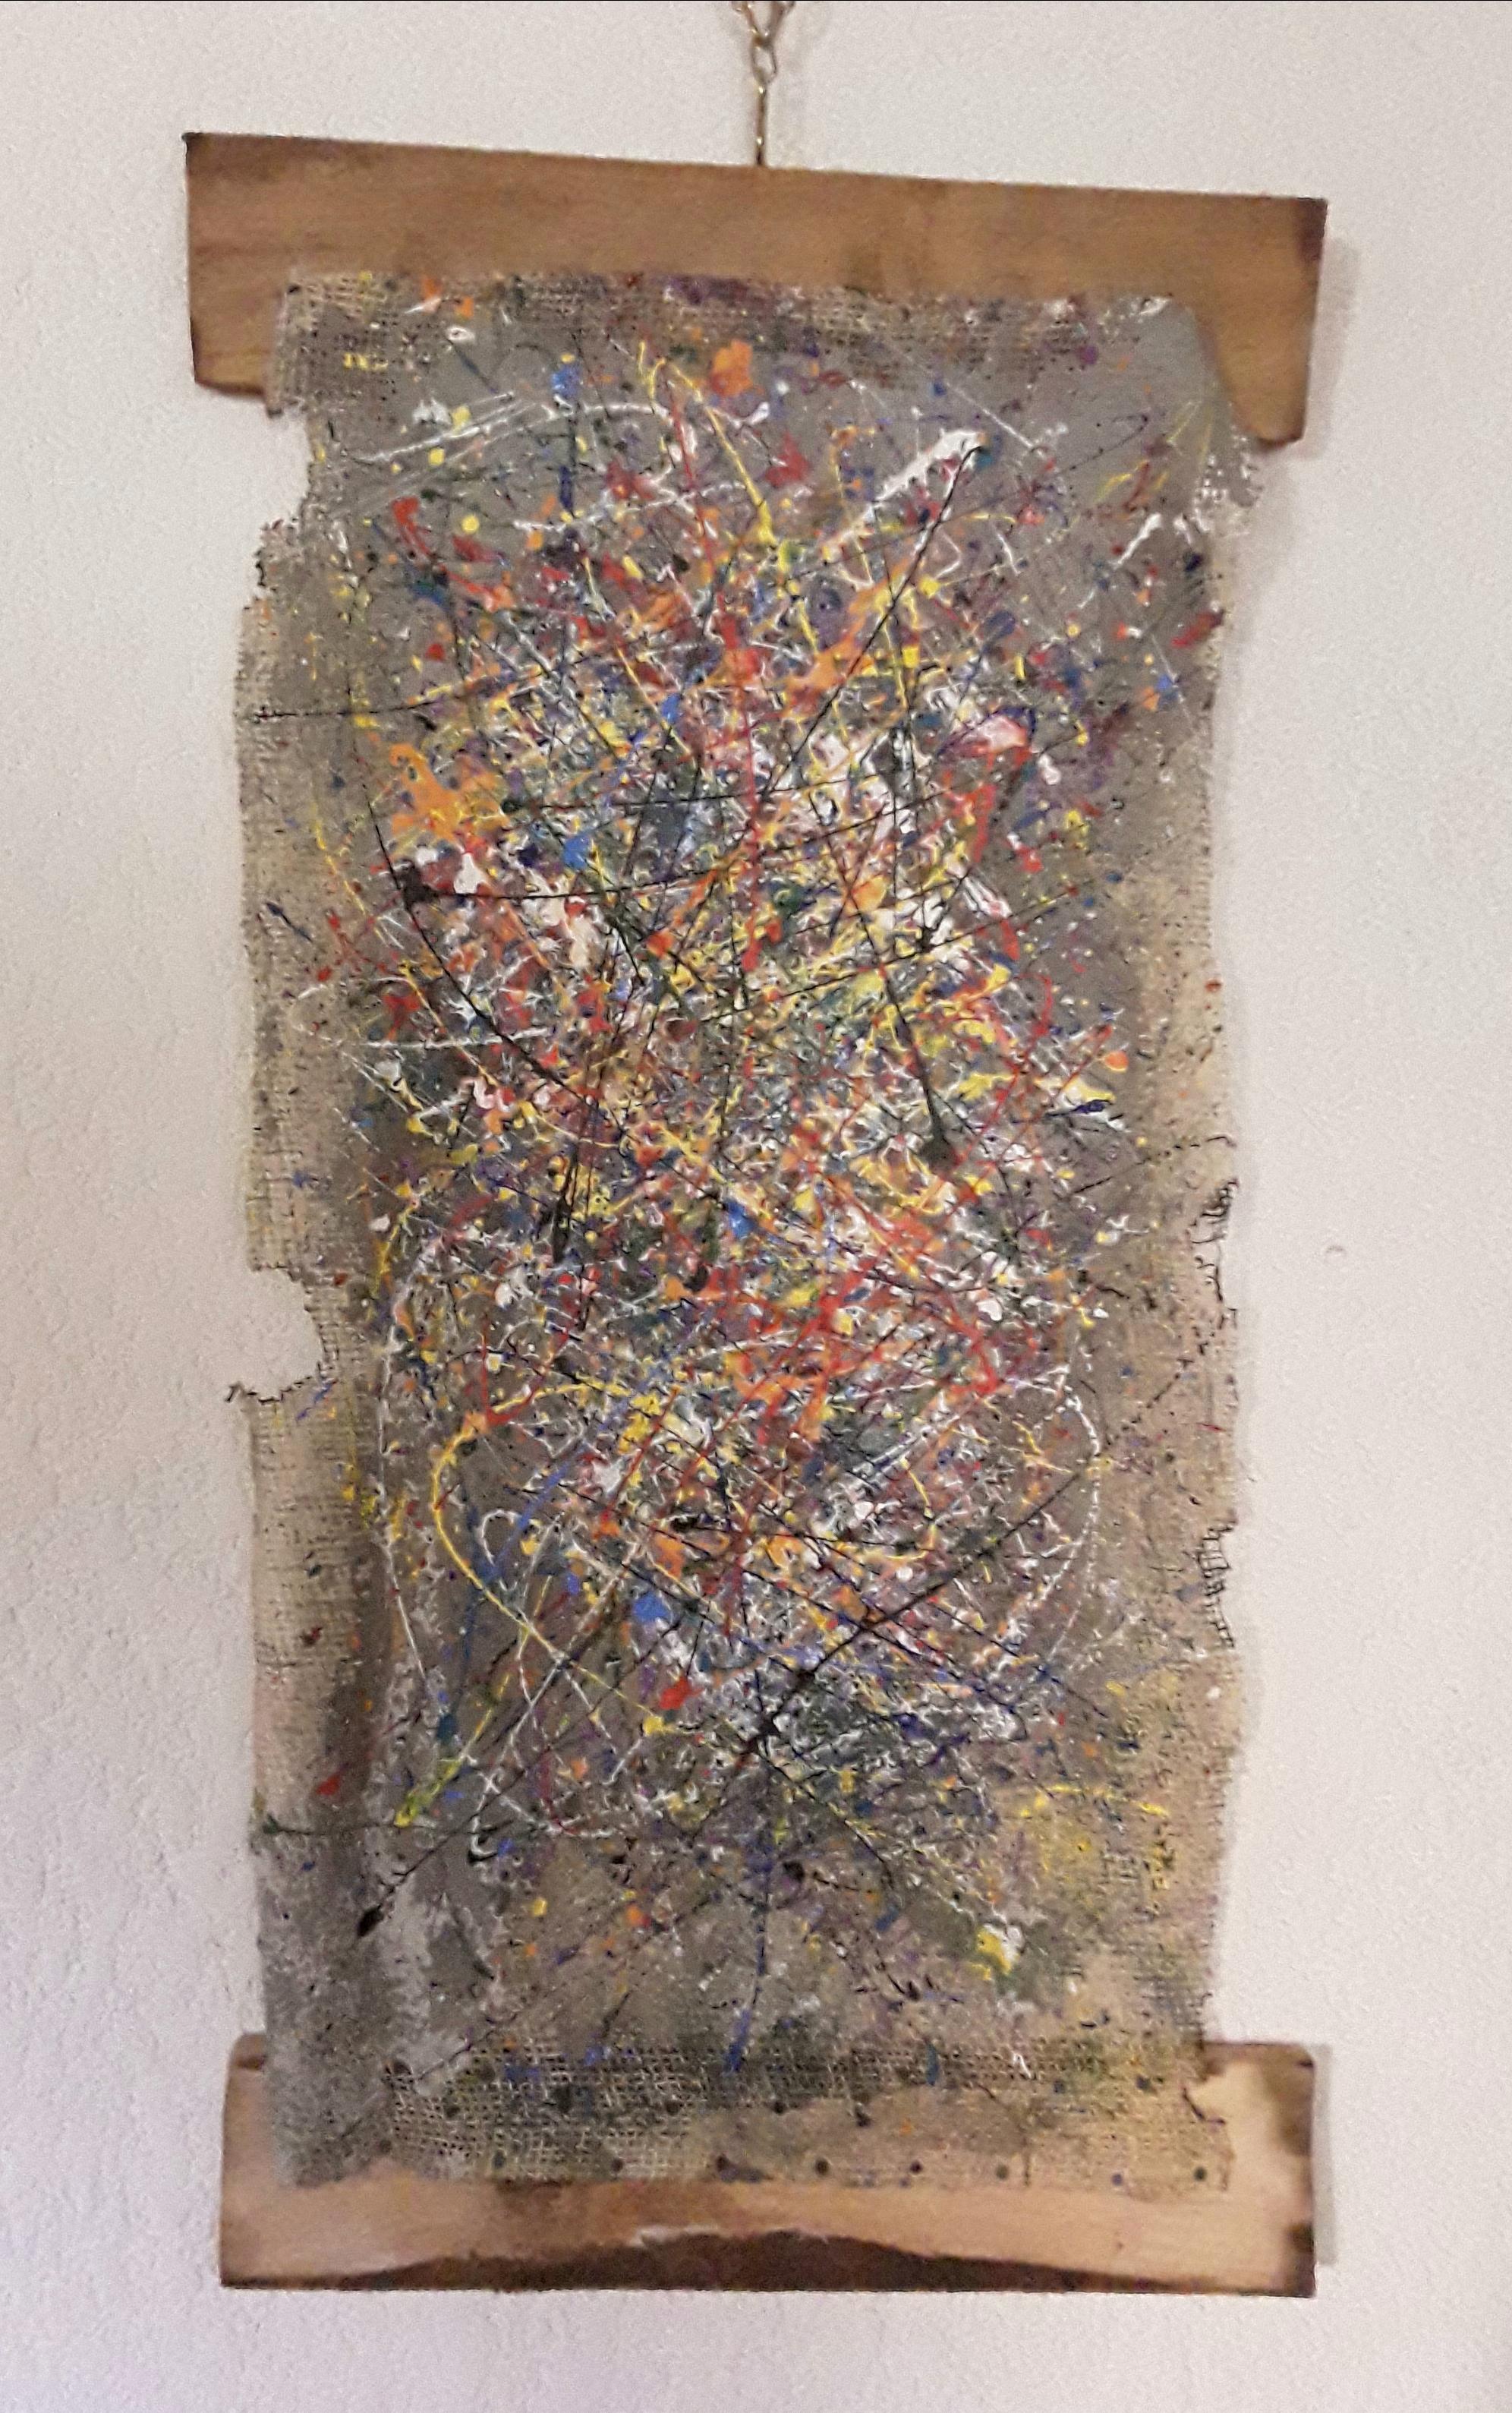 Arcobaleno, dipinto di Ornella Ogliari